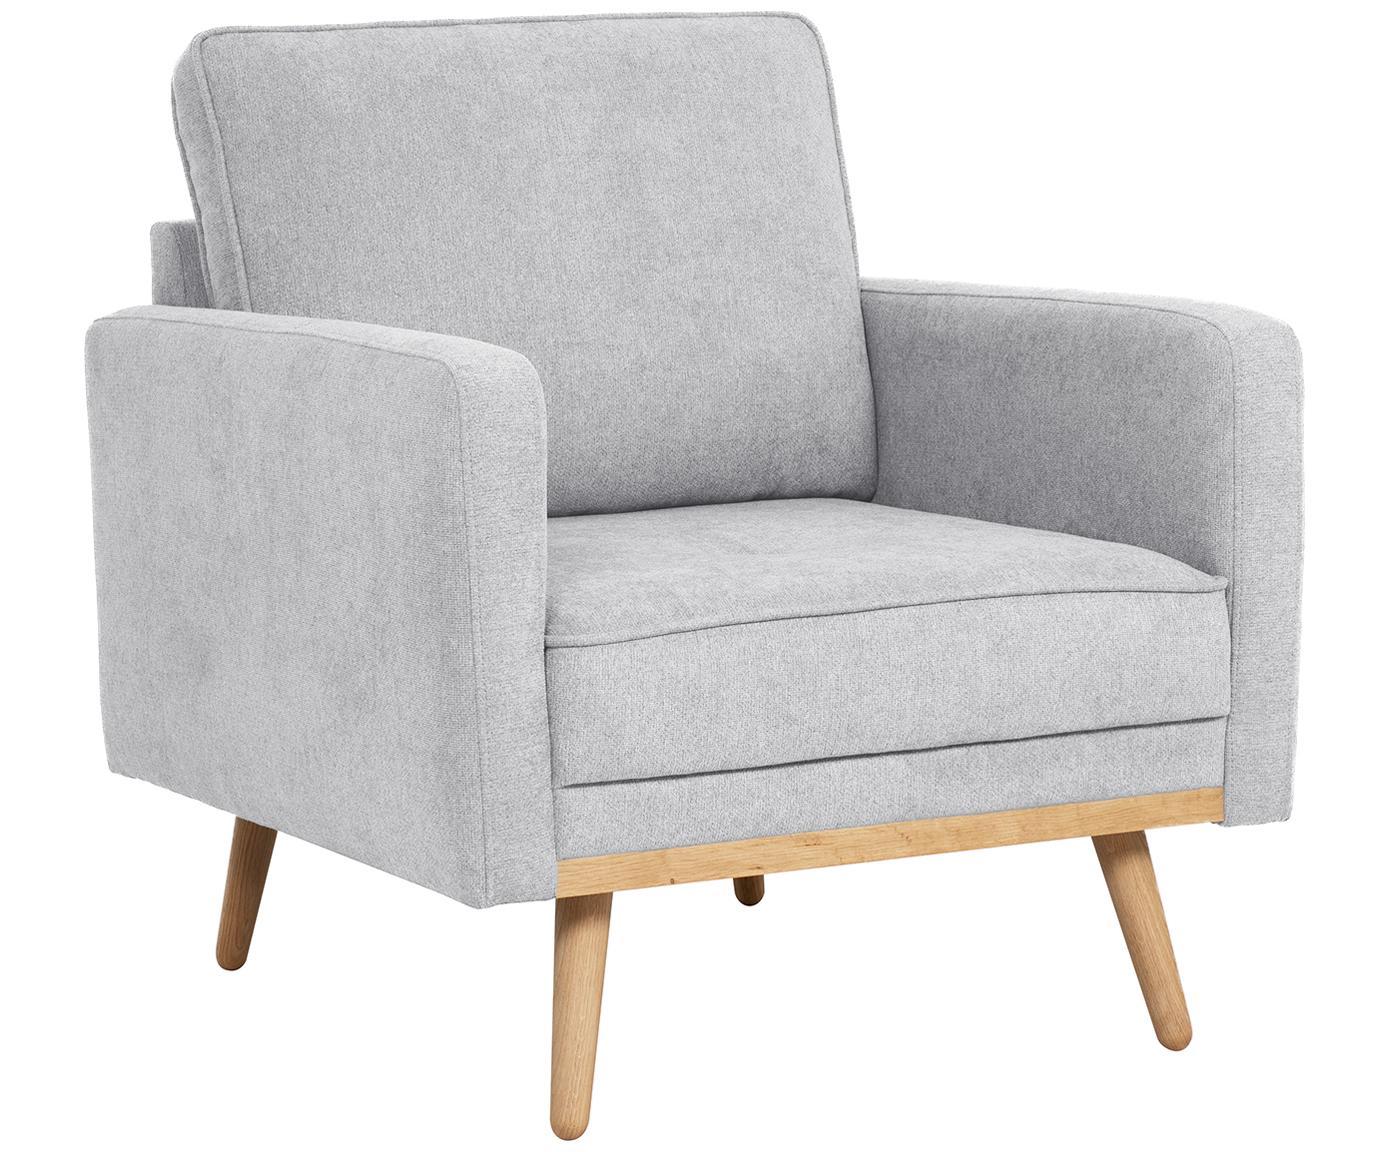 Fauteuil Saint, Bekleding: polyester, Frame: massief grenenhout, spaan, Bekleding: lichtgrijs. Poten en frame: eikenhoutkleurig, B 85 x D 76 cm